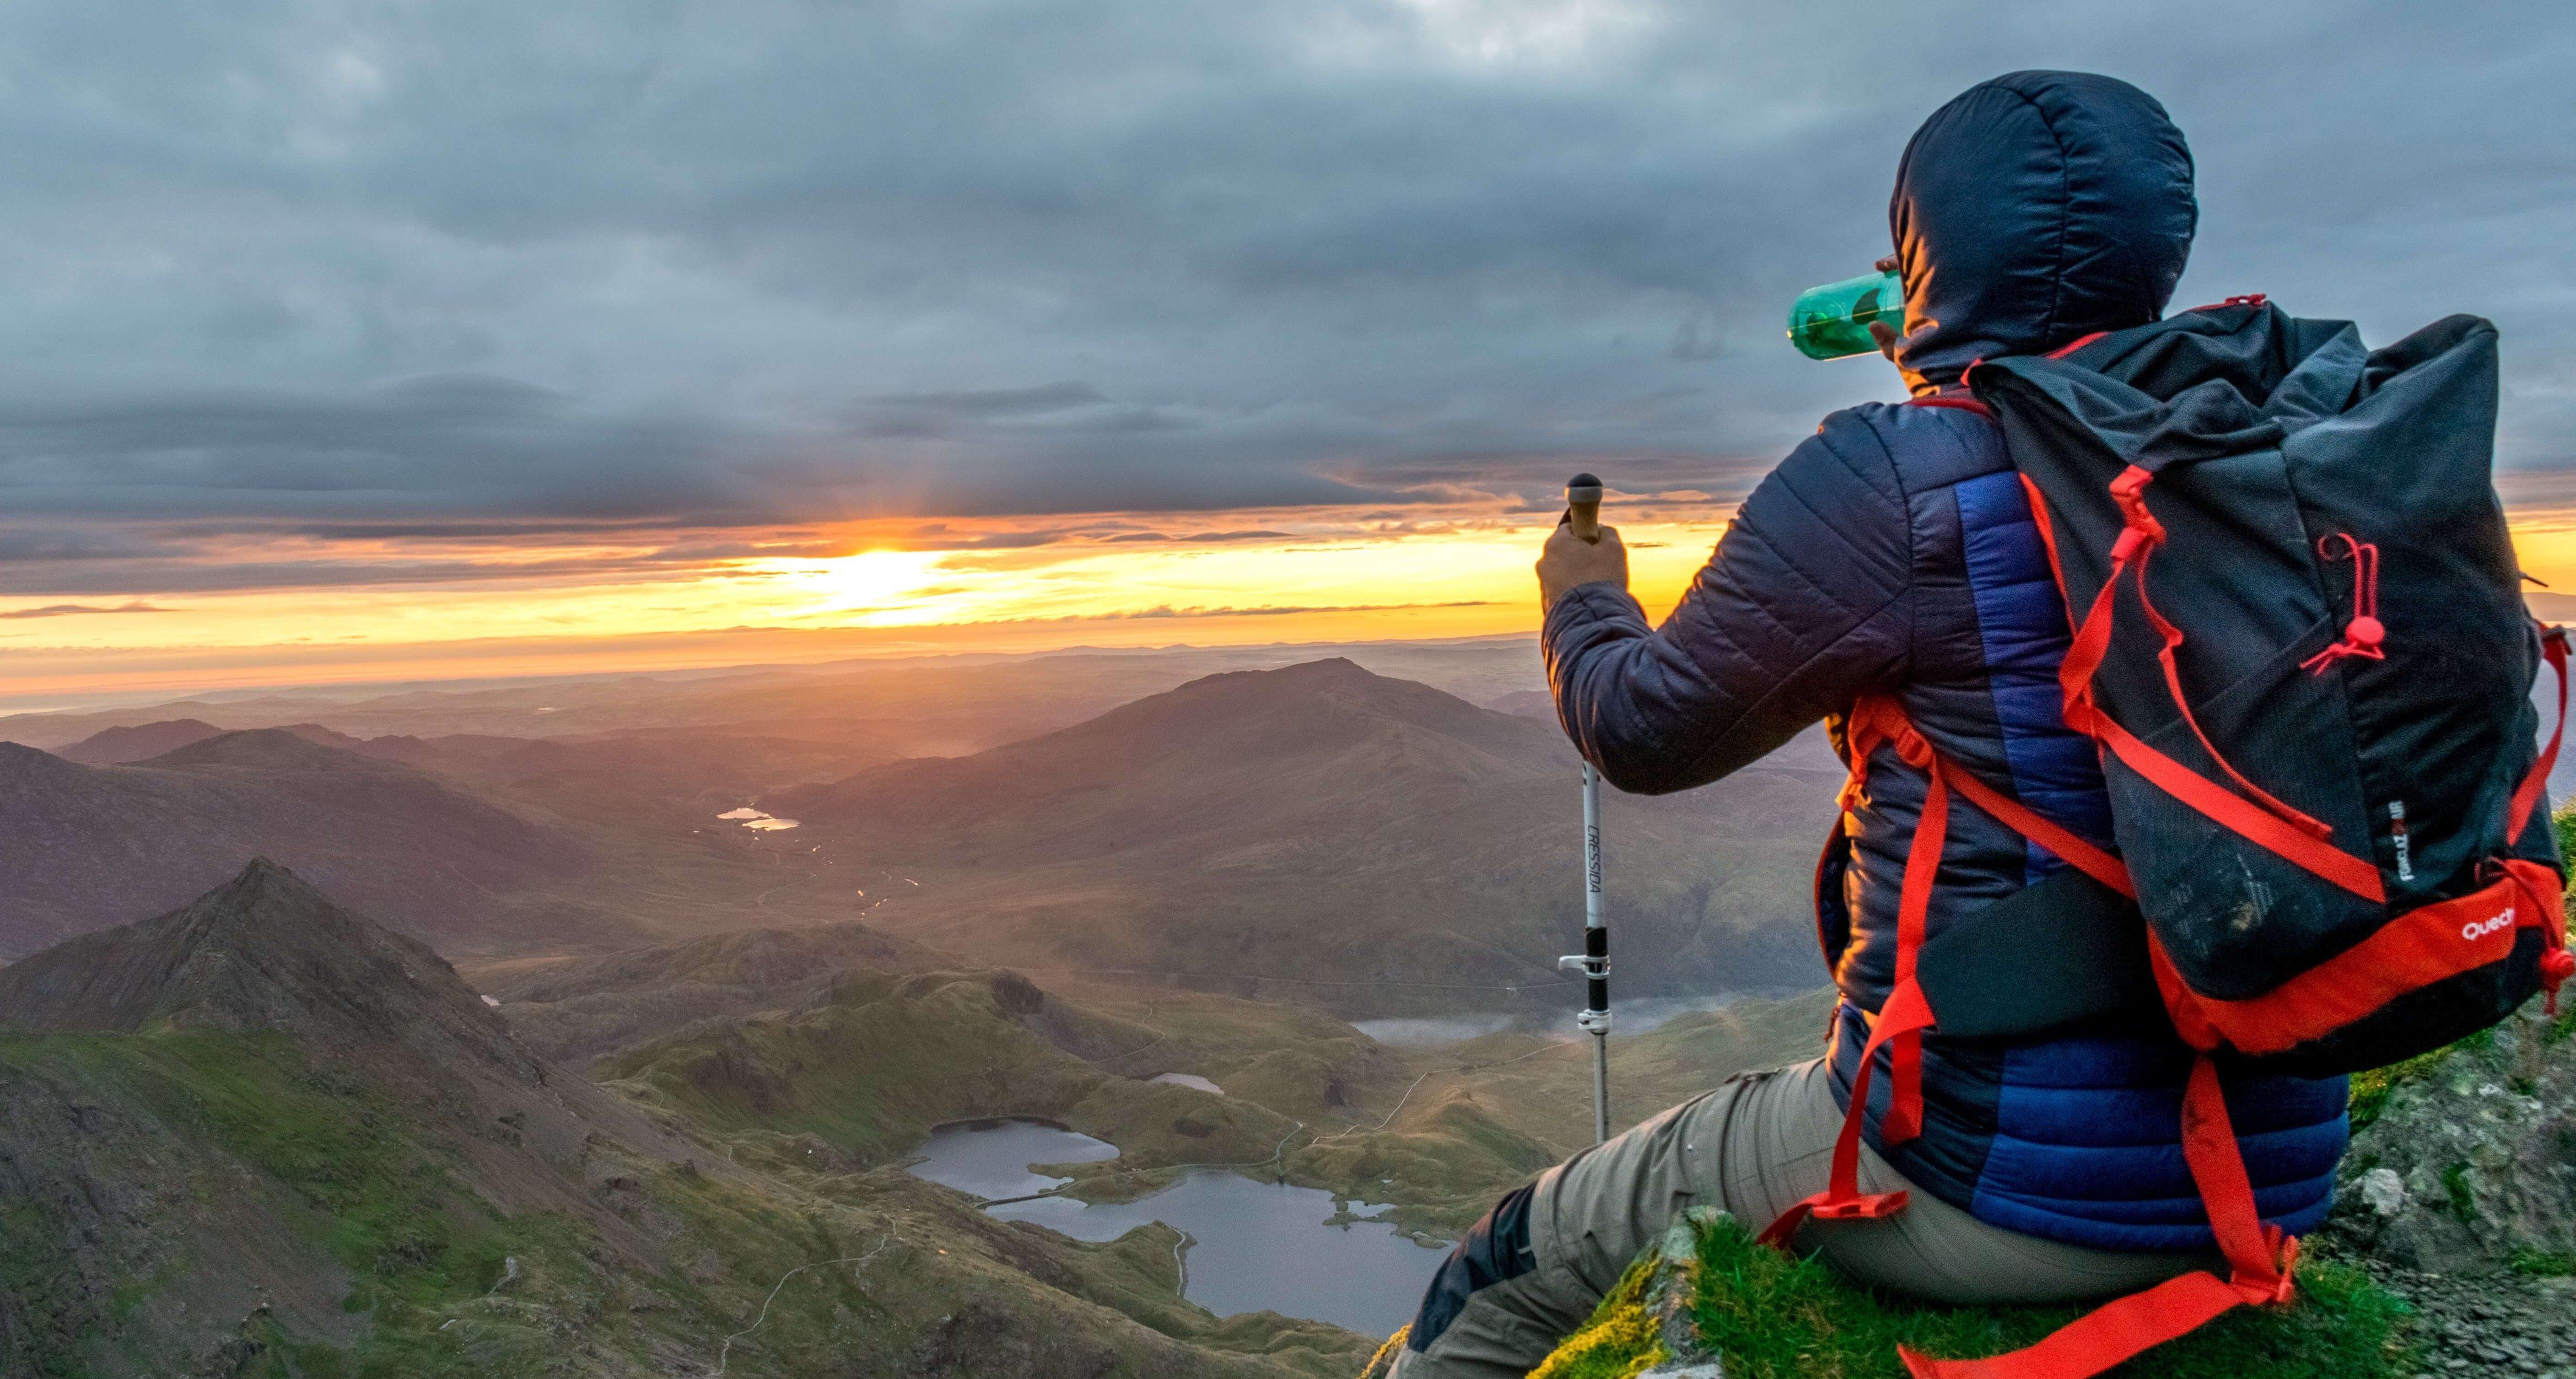 Hiker watching sunset over Snowdonia